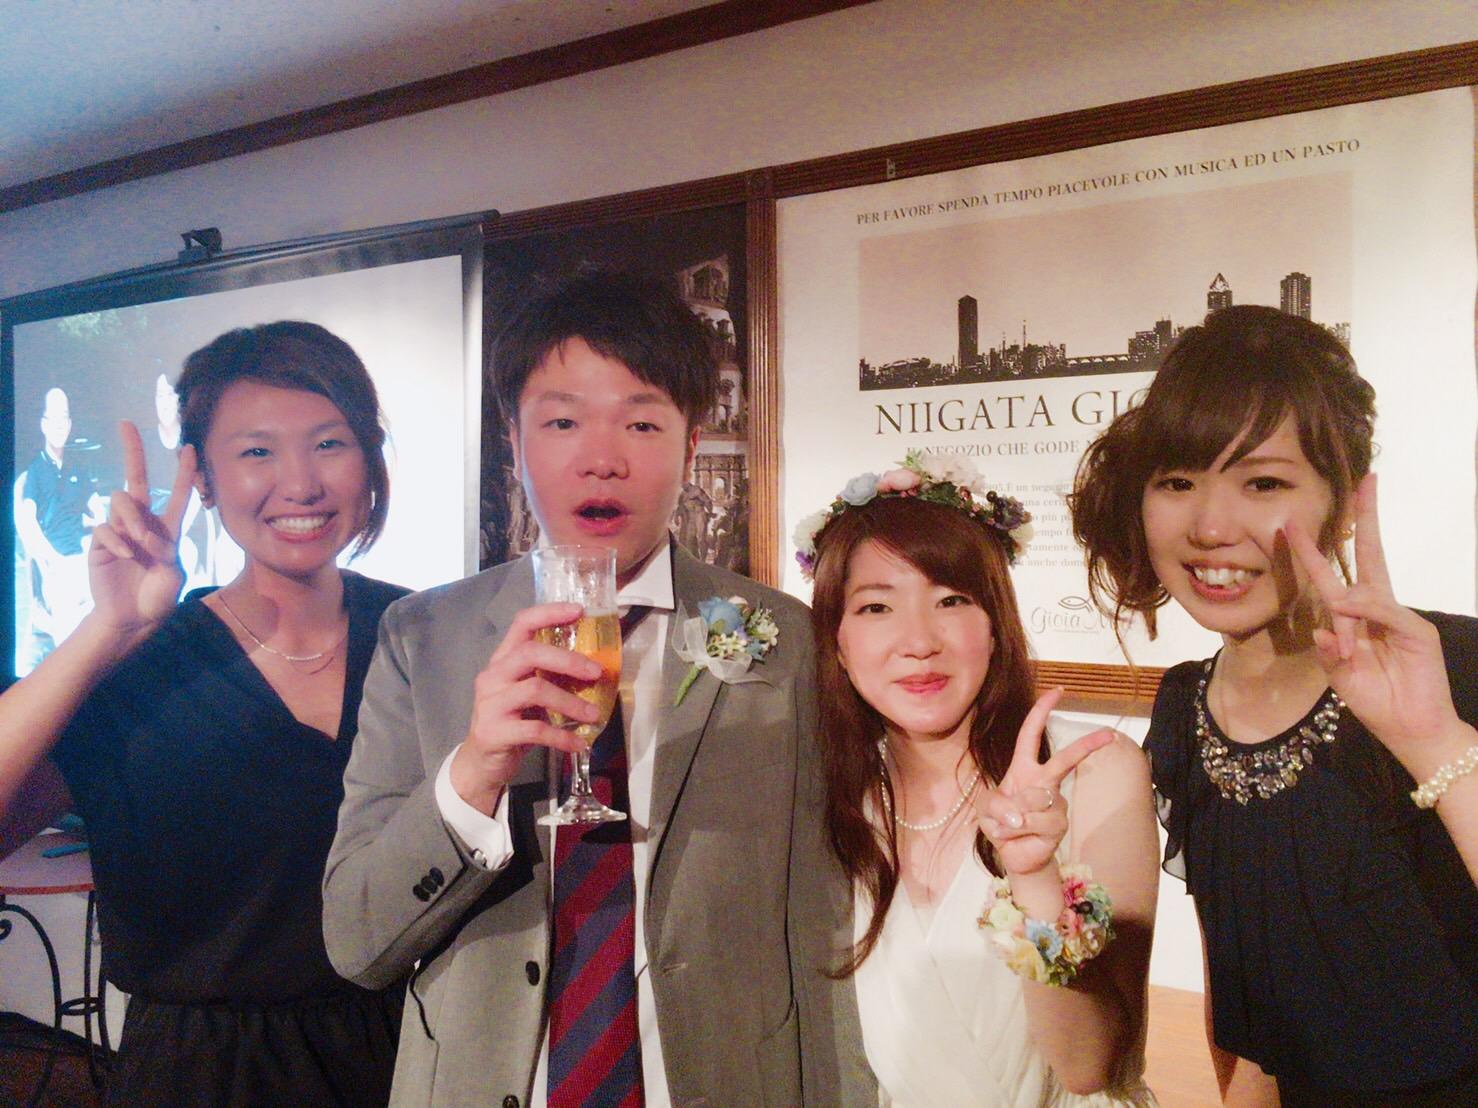 和田&あやさん 今日だけはかっこいいと言ってくれてありがとう!ナイスお世辞!